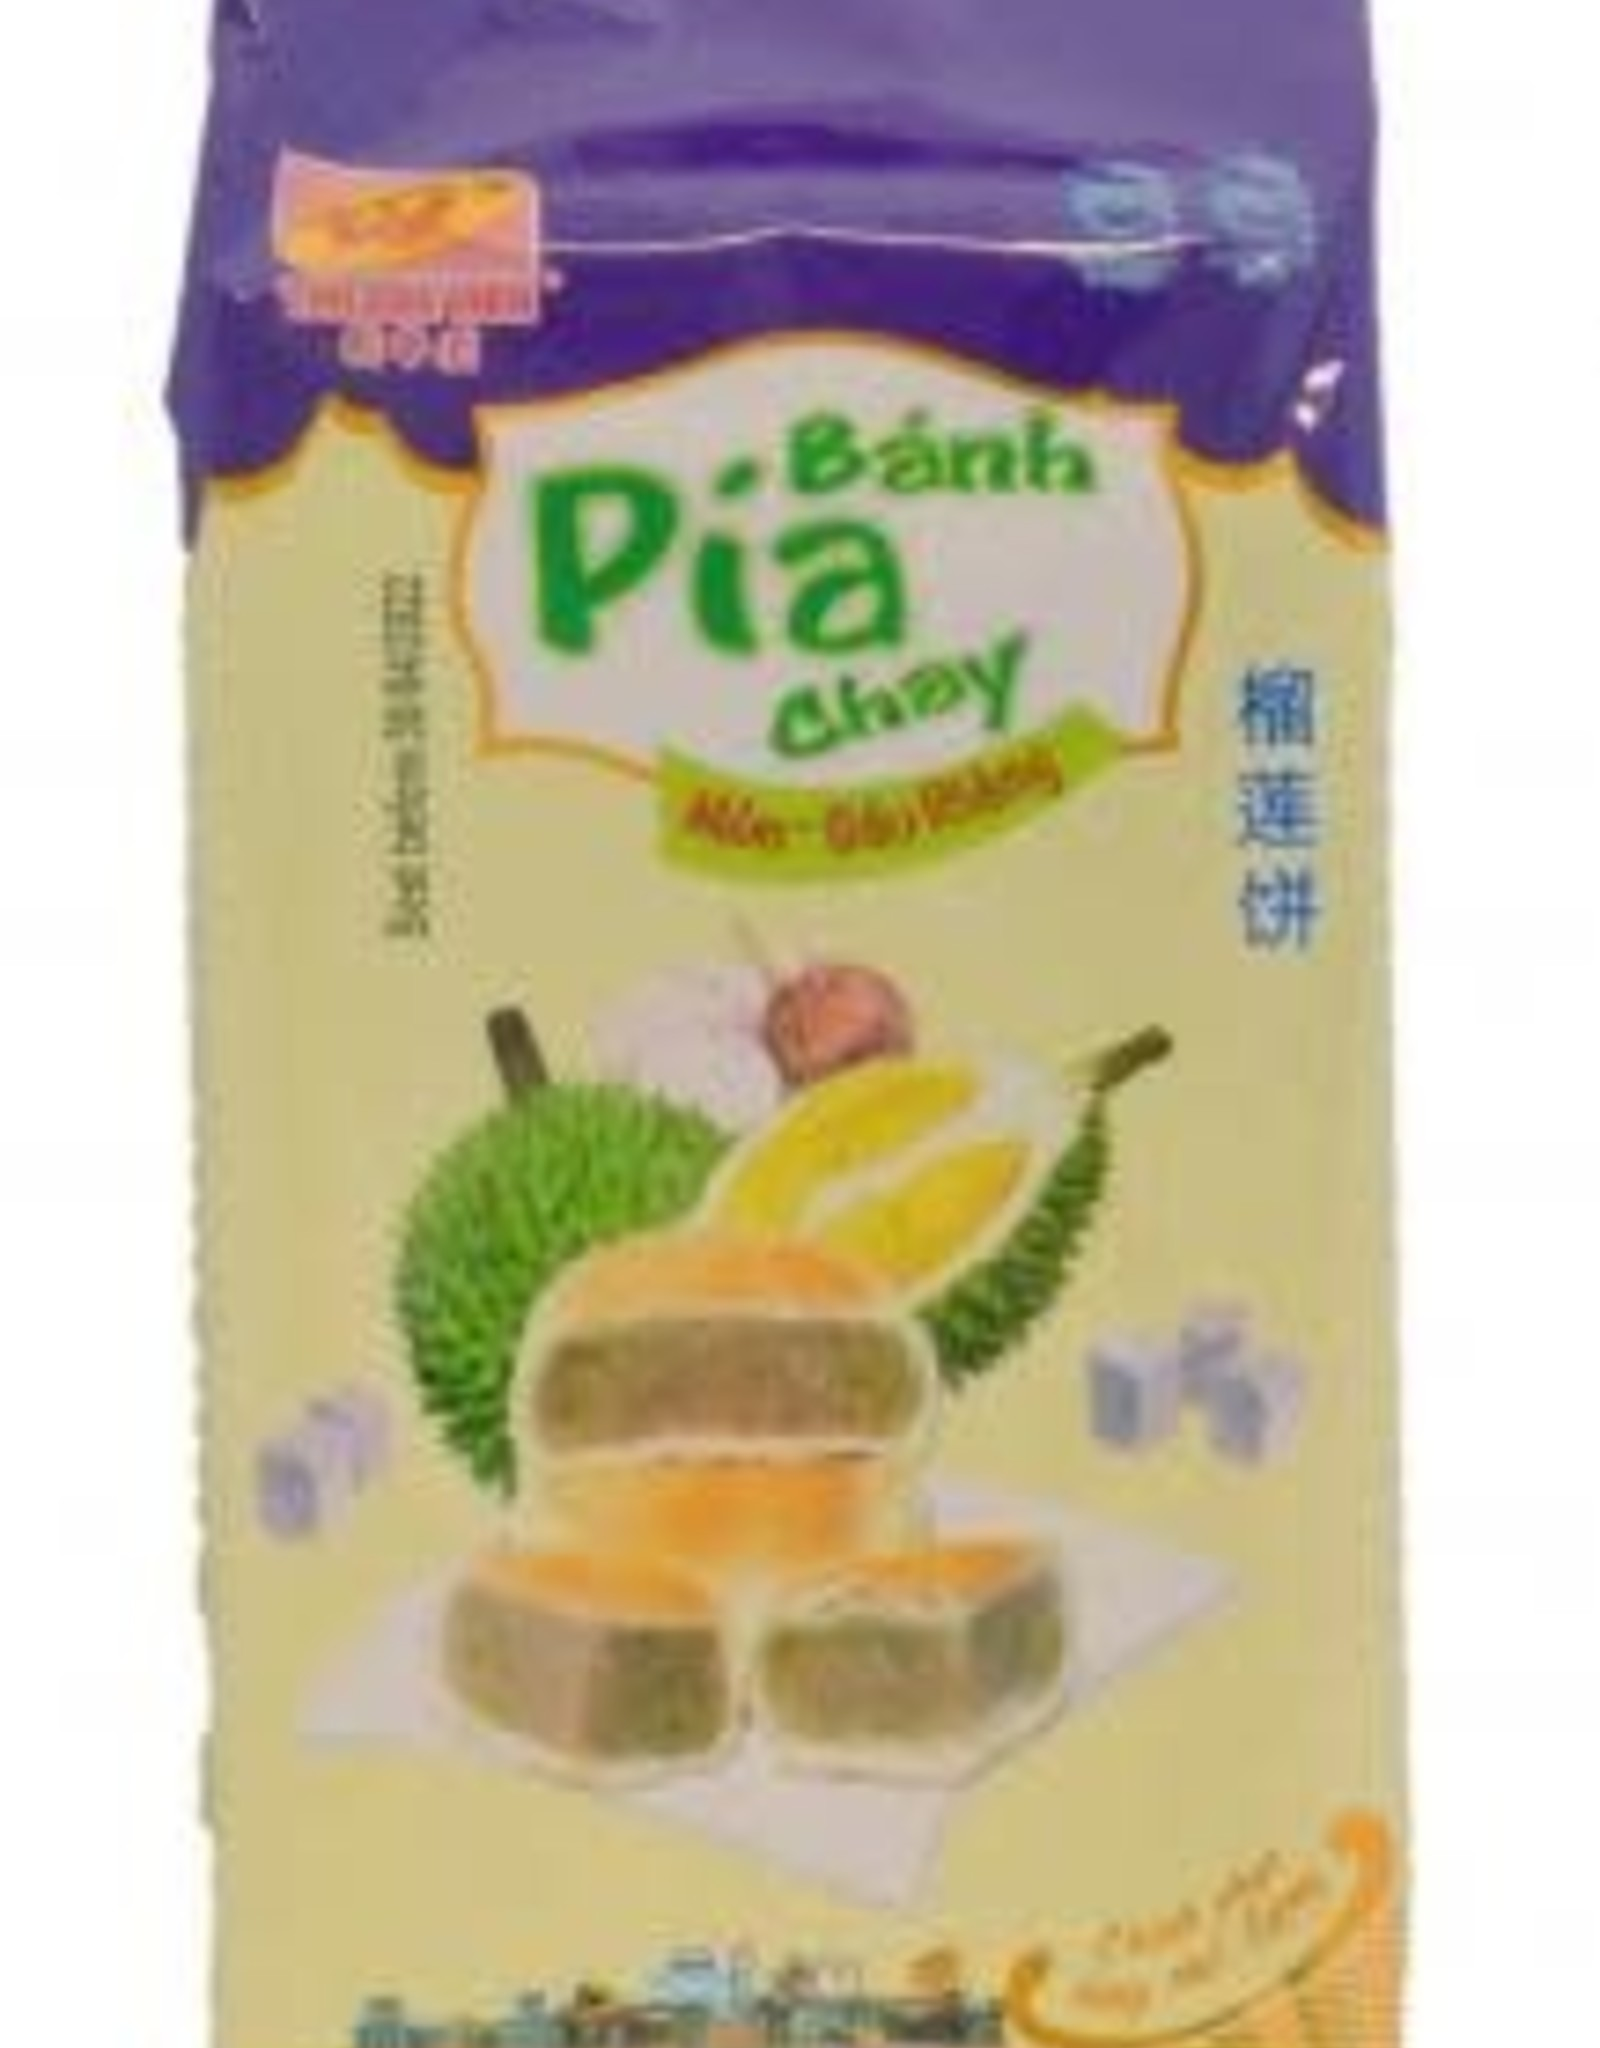 Tan Hue Vien Pia Cake Taro And Durian 400 Gr